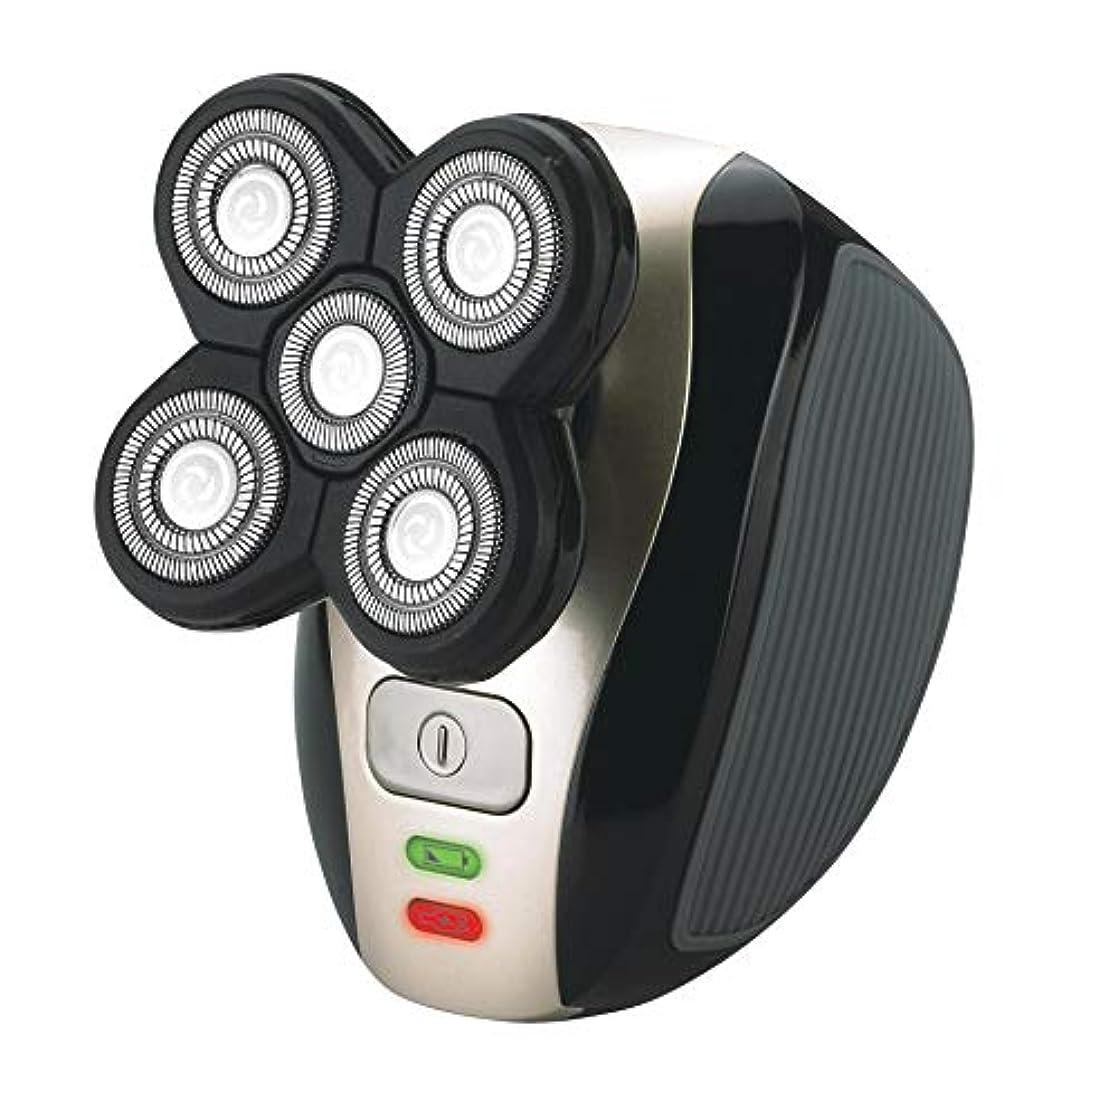 メンズ4D電気シェーバー、 5 in 1 洗えると充電式 ヘッドシェーバーひげトリマーウェットドライロータリーシェーバー鼻毛ひげトリマークリッパーフェイシャルクレンジングブラシ (シェーバーのみ)